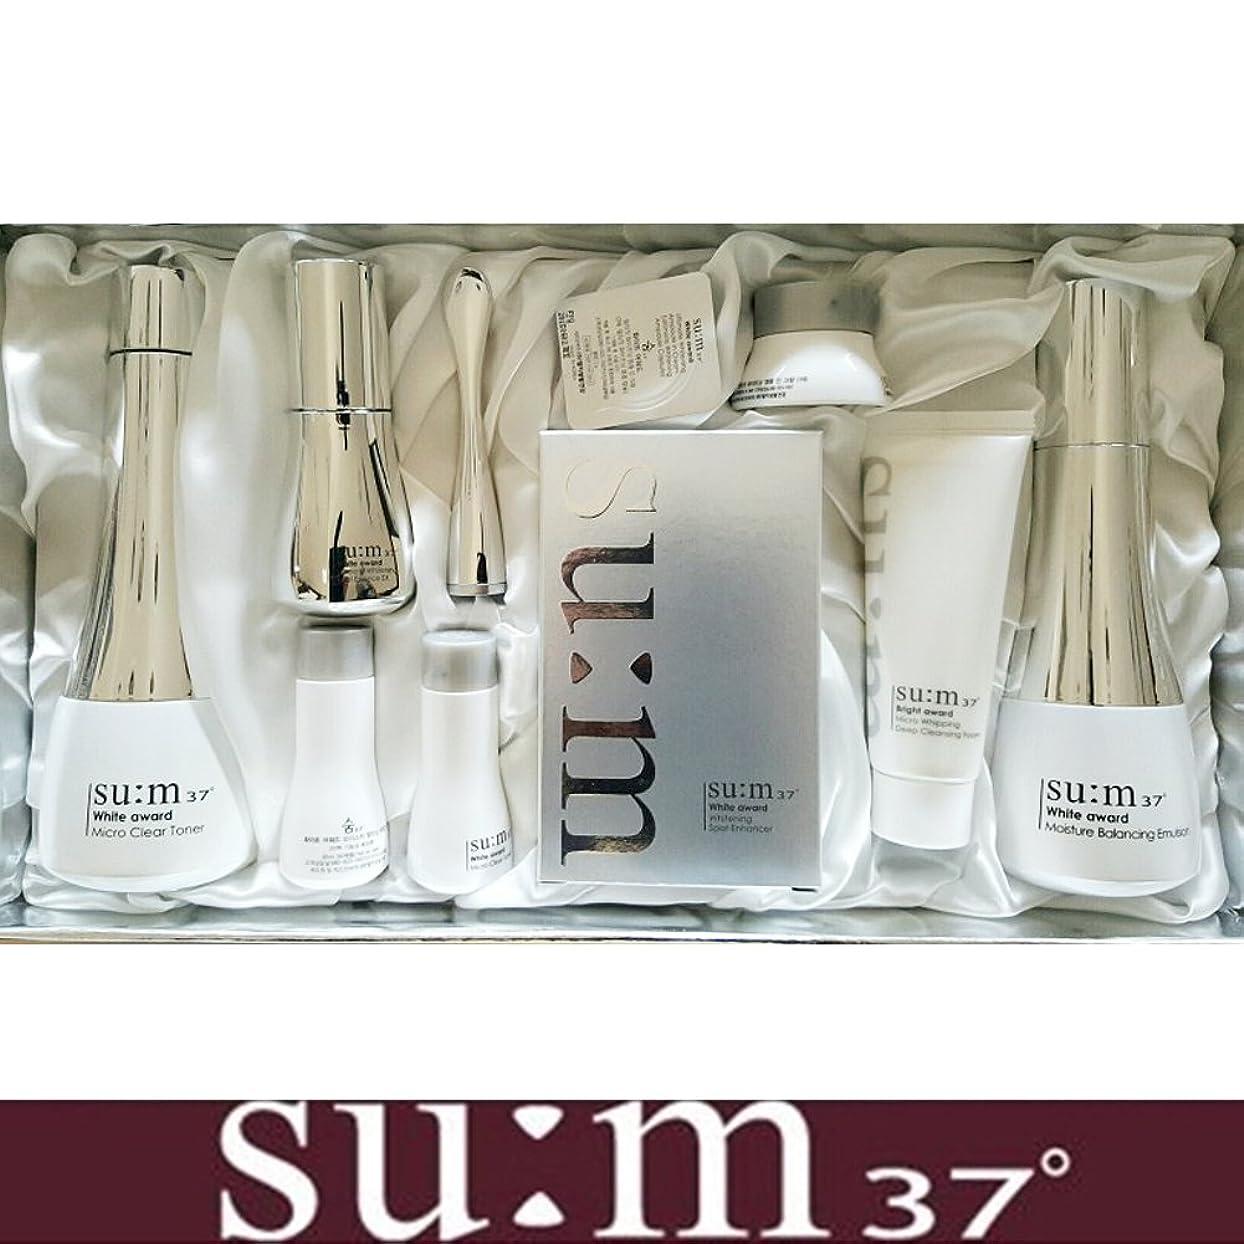 診断するウィスキーまた明日ね[su:m37/スム37°] SUM37 White Awards 3EA Special Set/ホワイトアワード 3種 スペシャルセット+[Sample Gift](海外直送品)